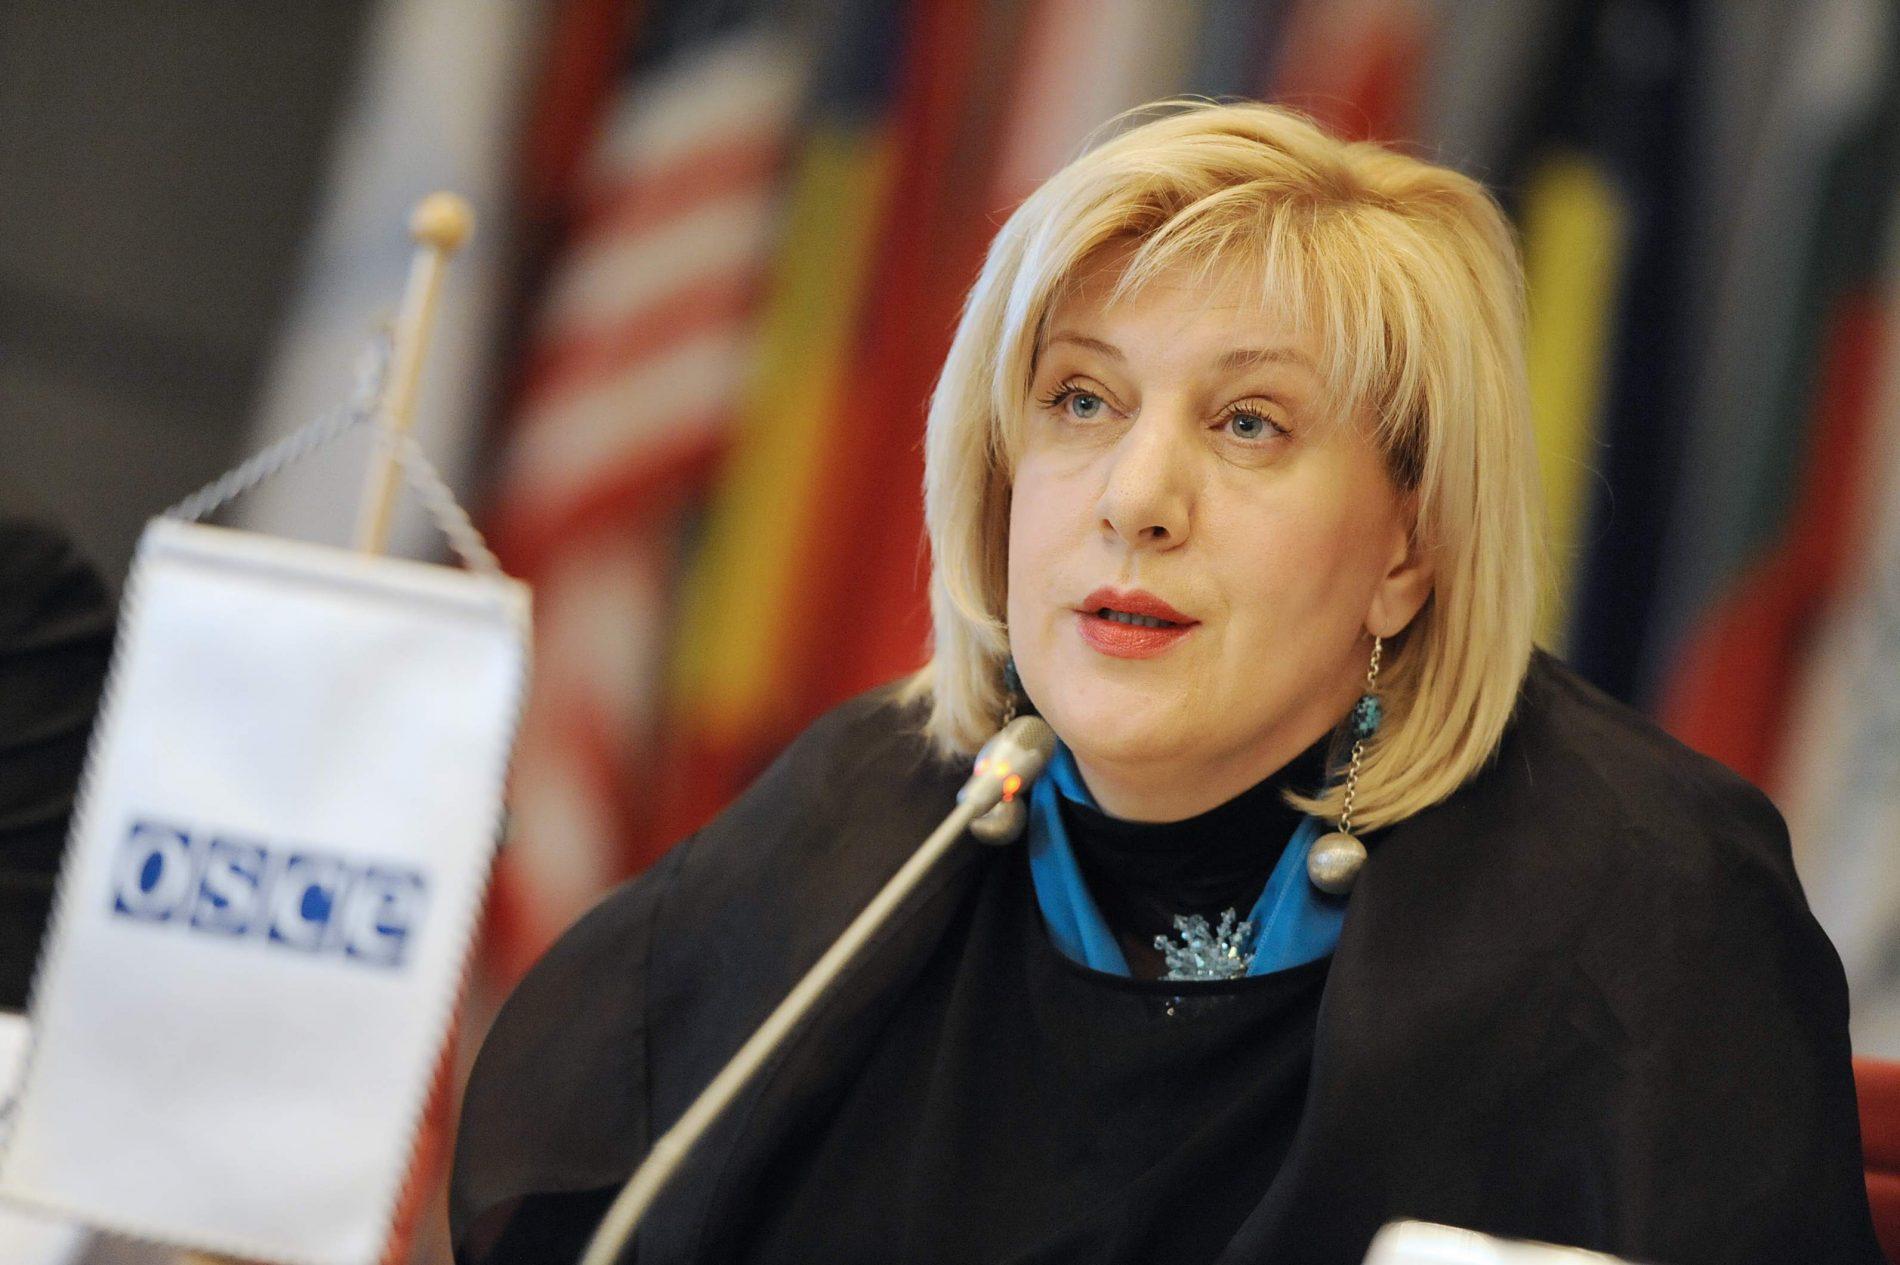 Bosanka na važnoj funkciji: Dunja Mijatović preuzela dužnost komesarke za ljudska prava Vijeća Evrope